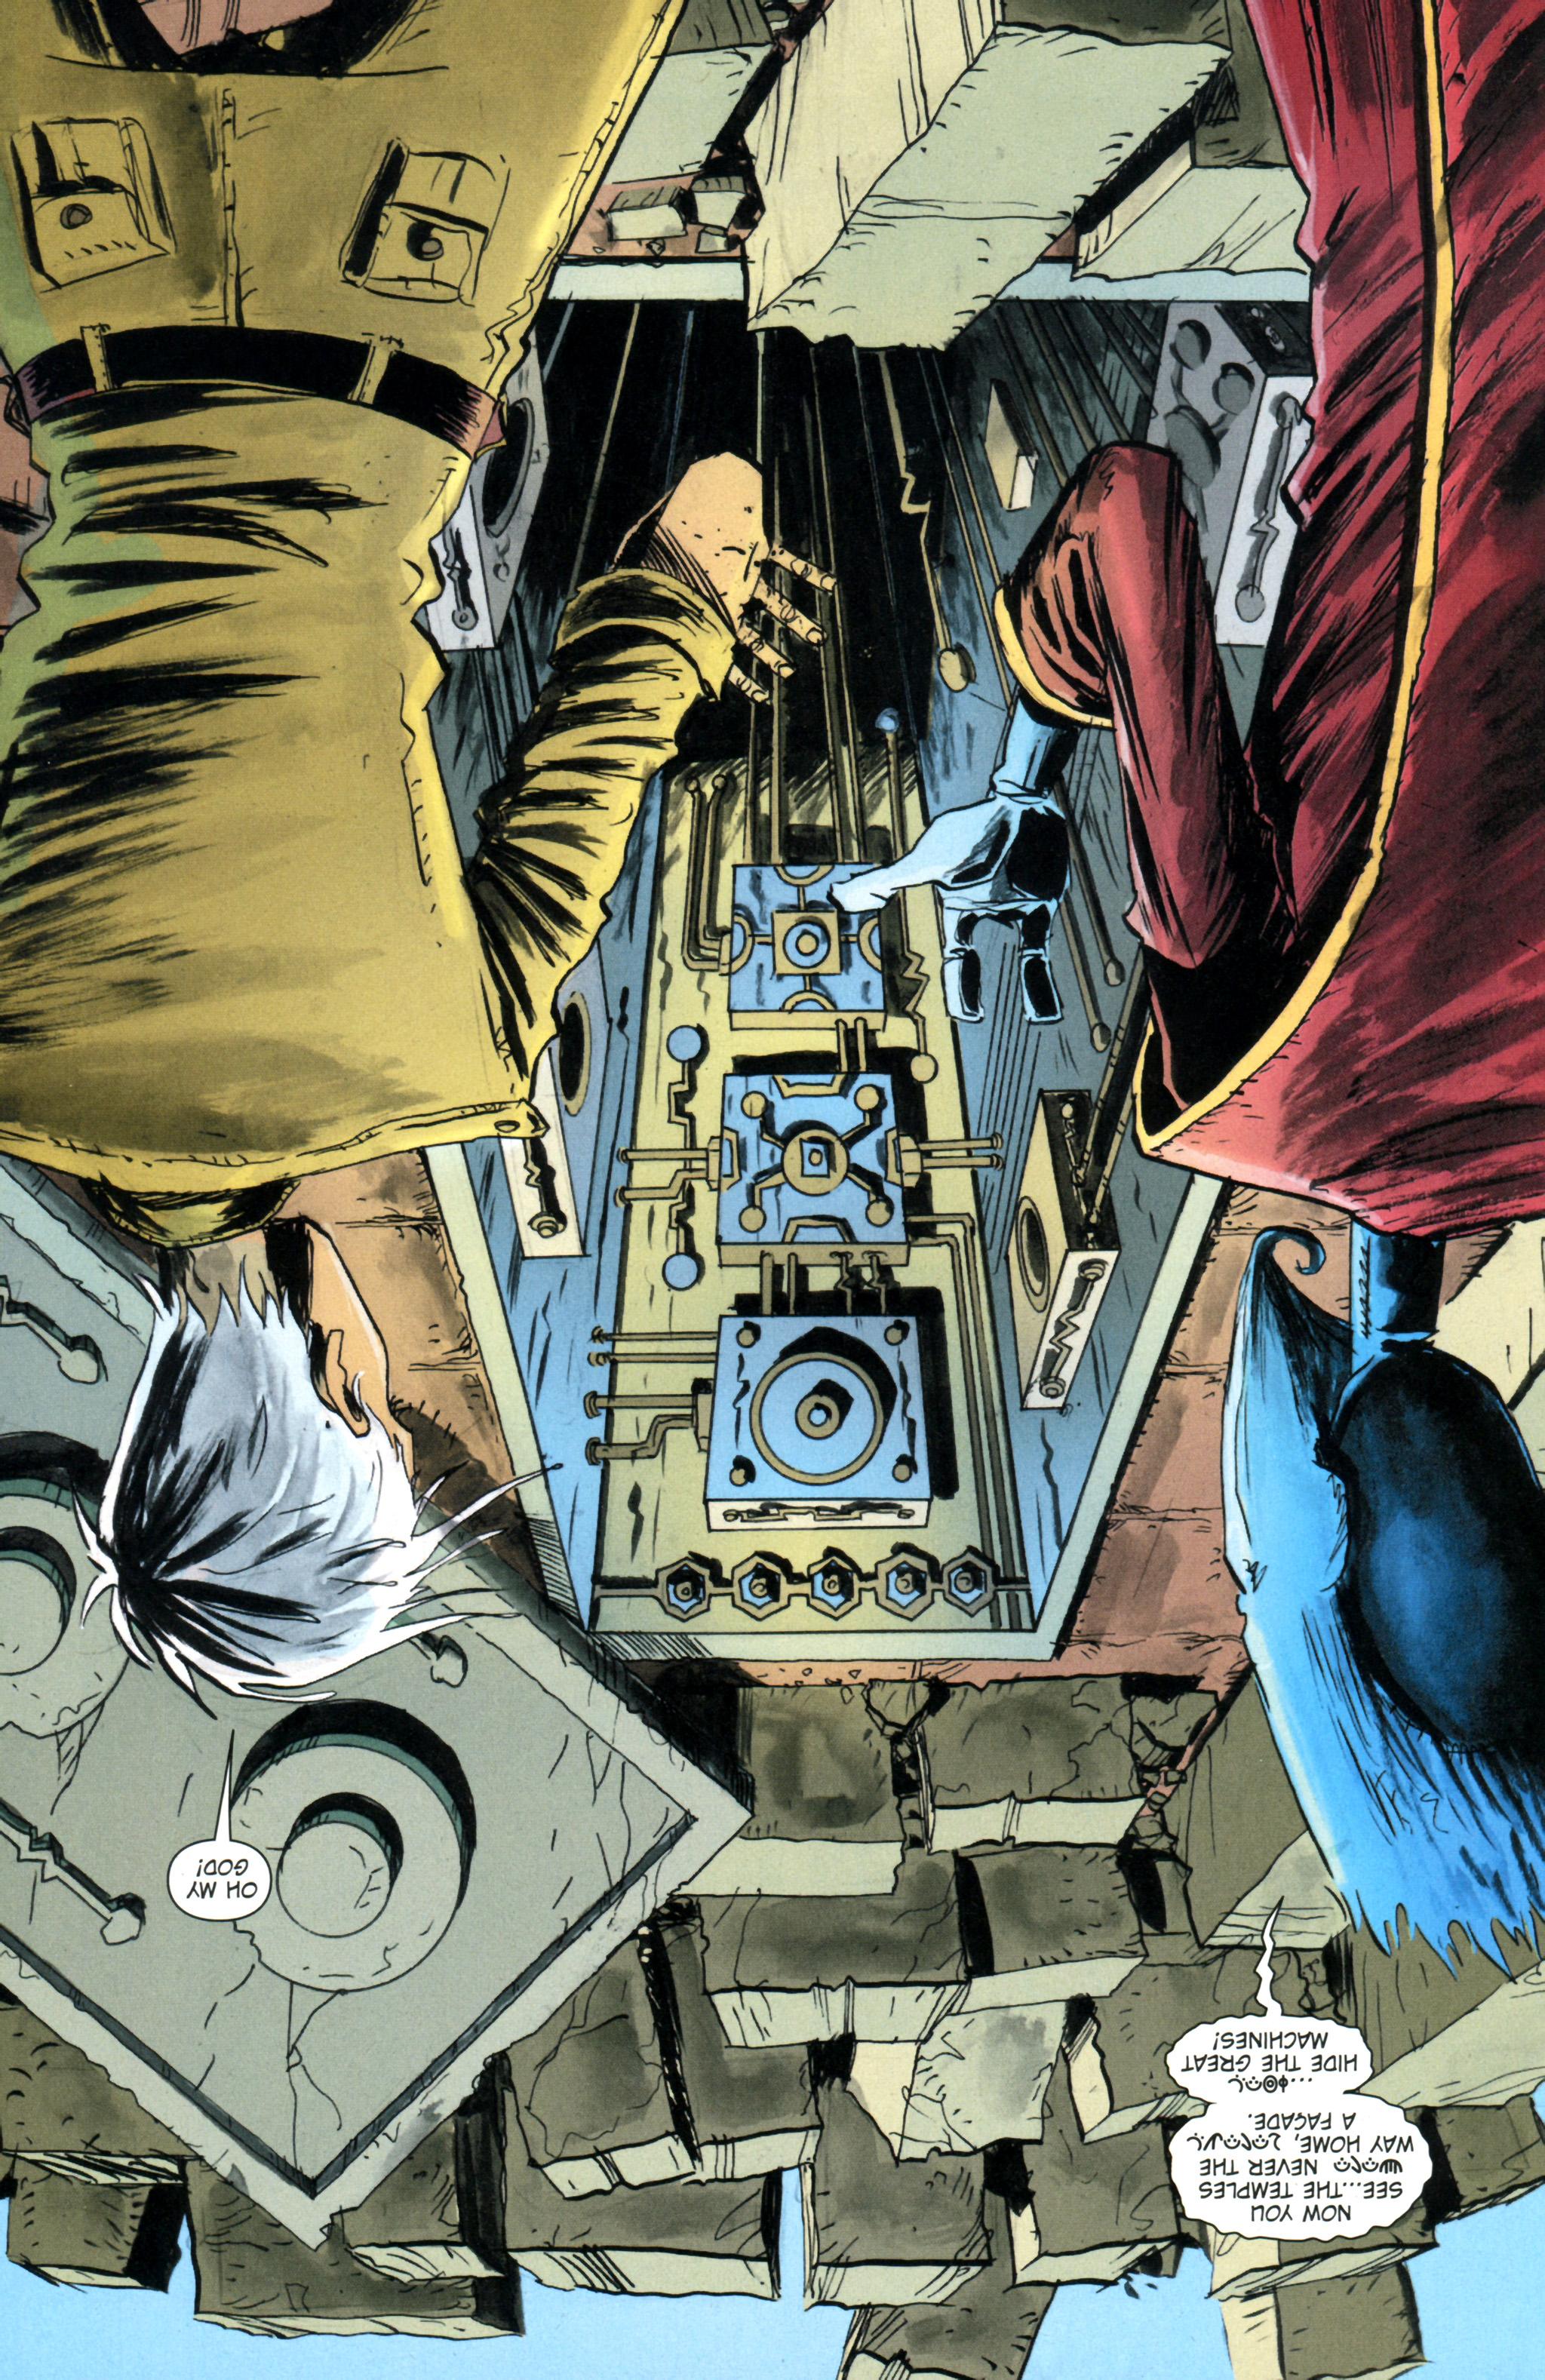 Read online Trillium comic -  Issue #7 - 8